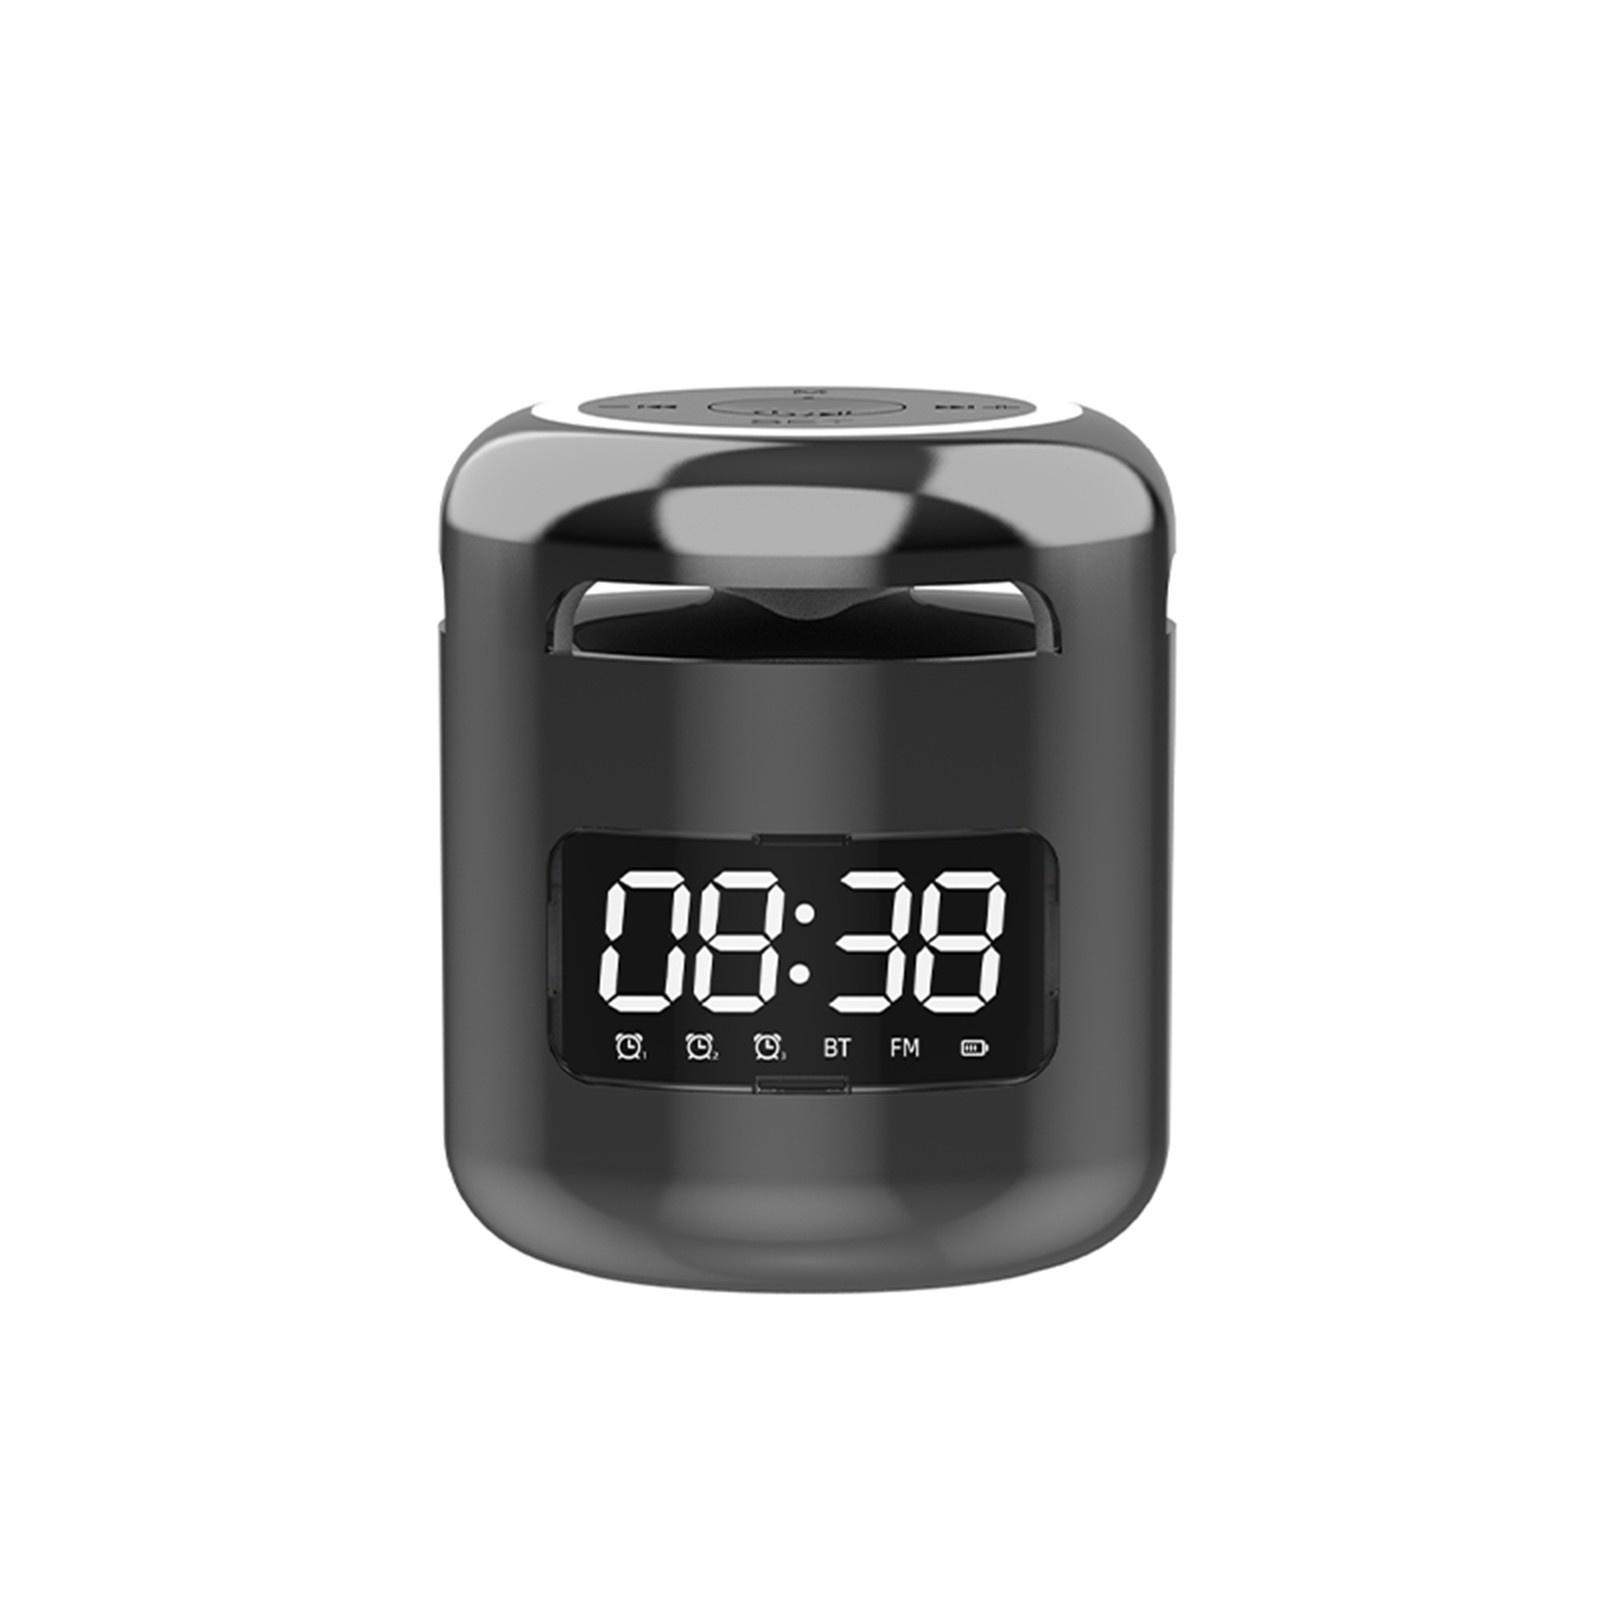 Tomtop - 44% OFF JM01 Portable Wireless BT 5.0 Speaker, $16.49 (Inclusive of VAT)